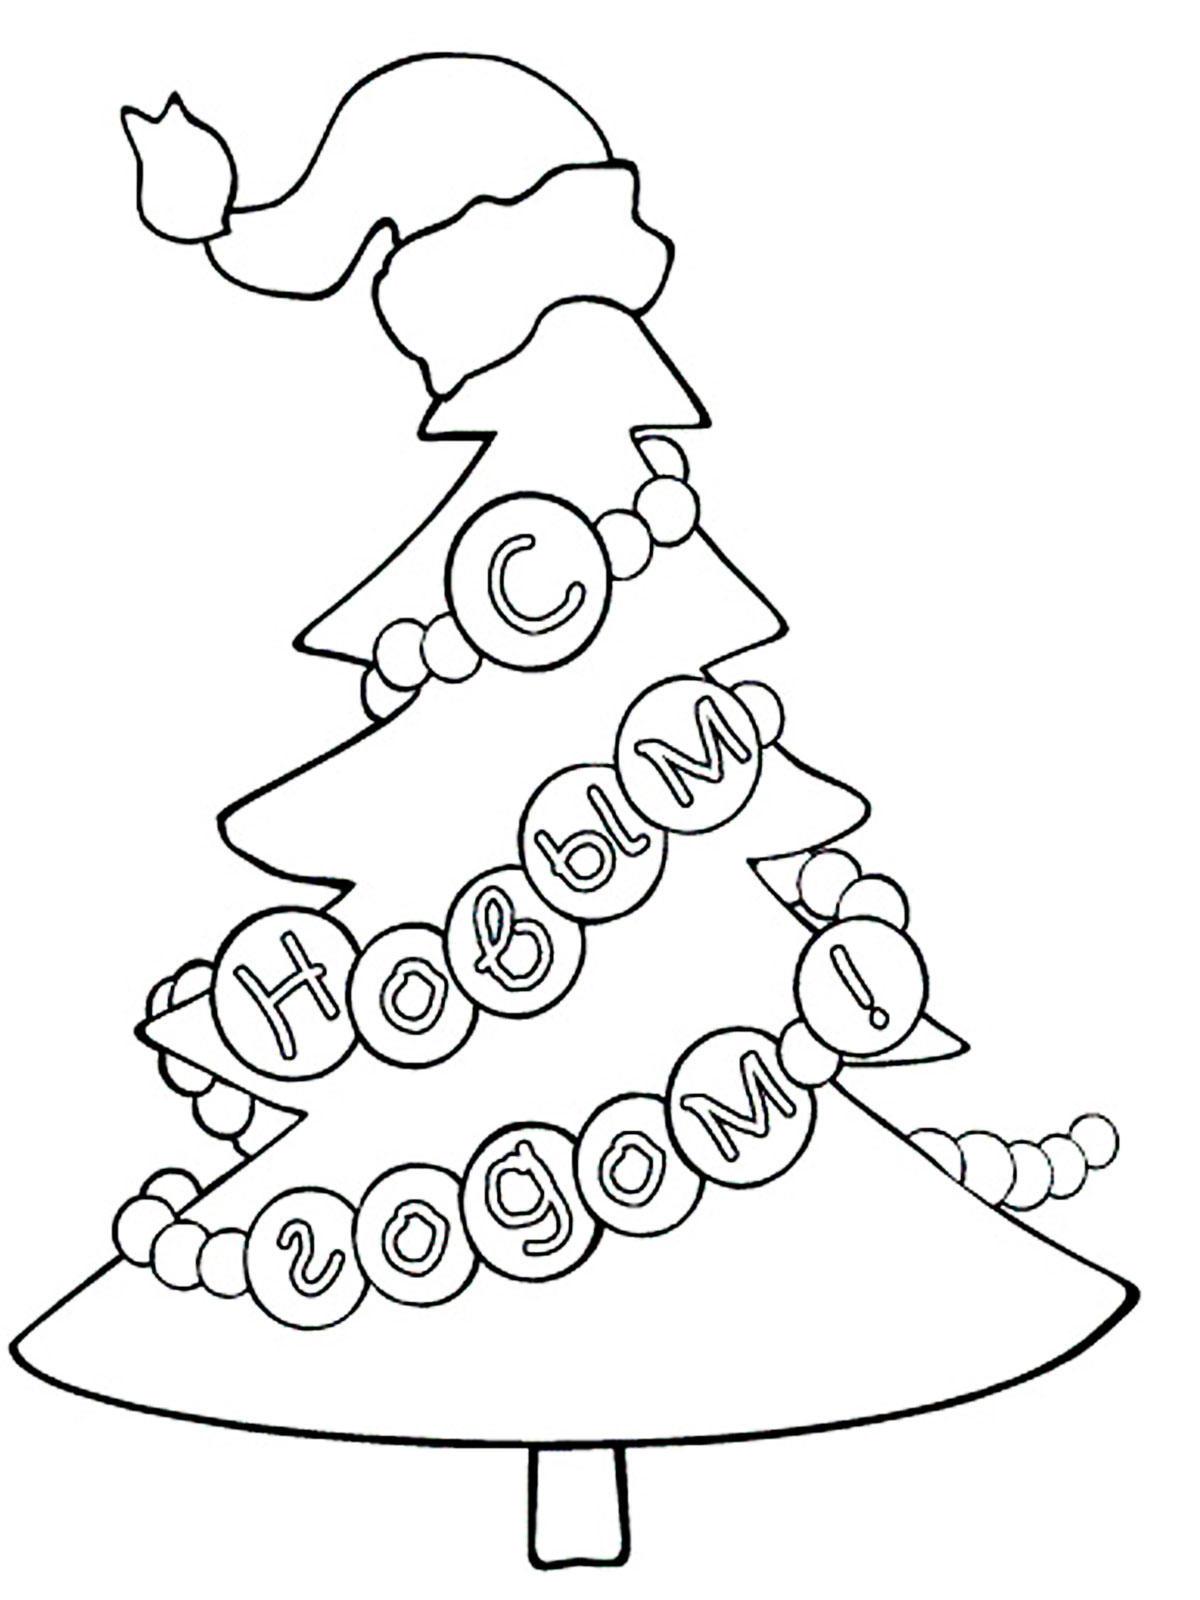 Именинником, картинки елки на новый год раскраски